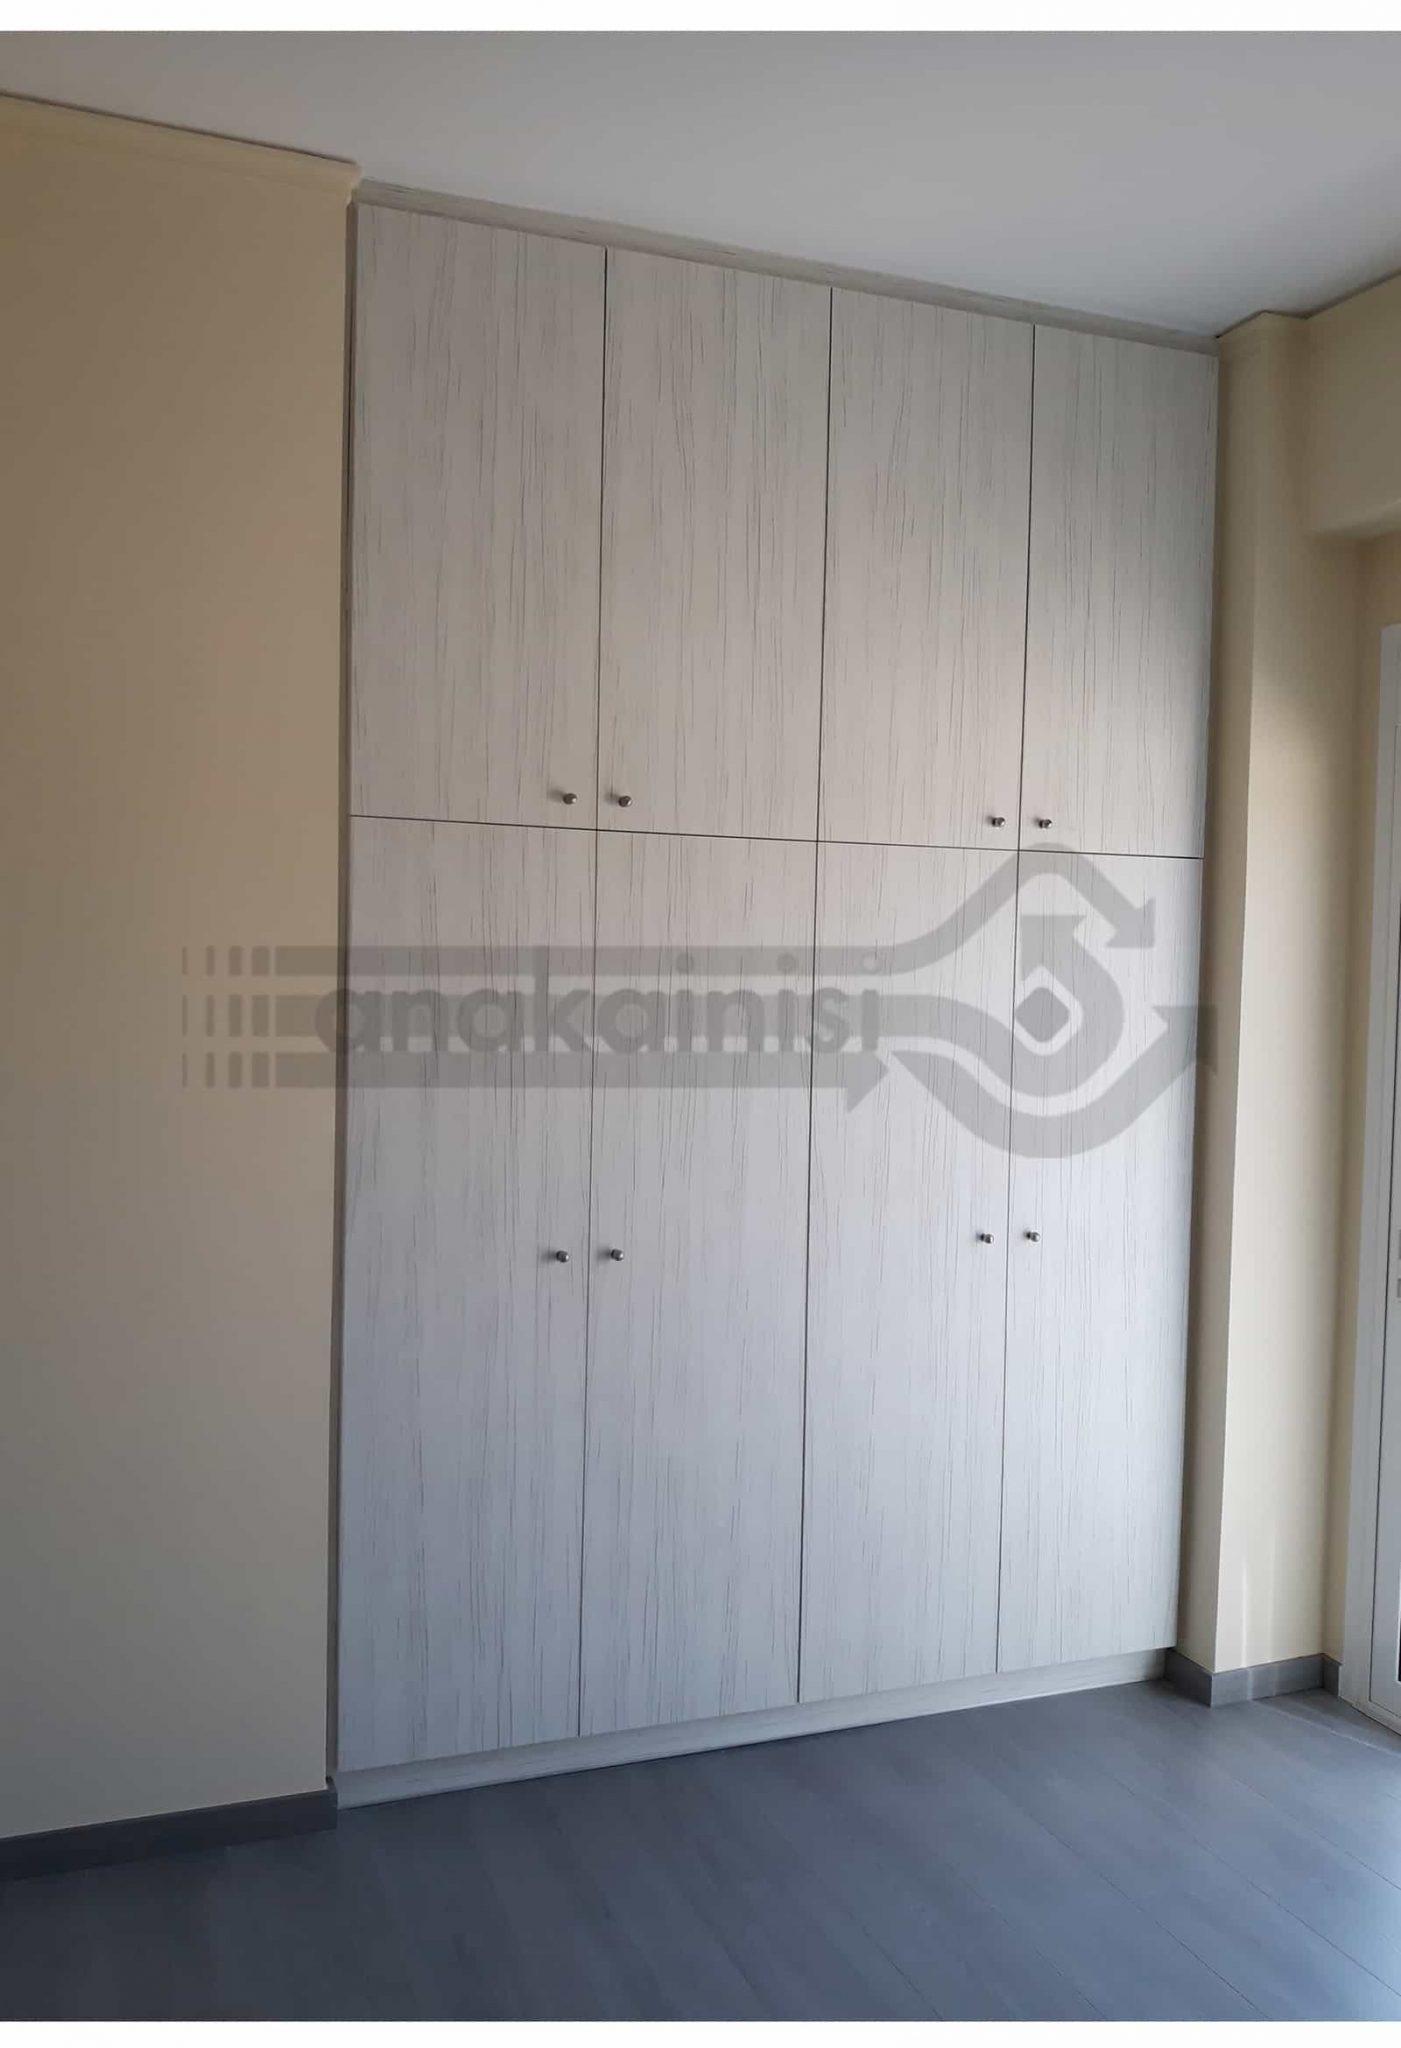 ντουλάπια δωματίου ξύλινα